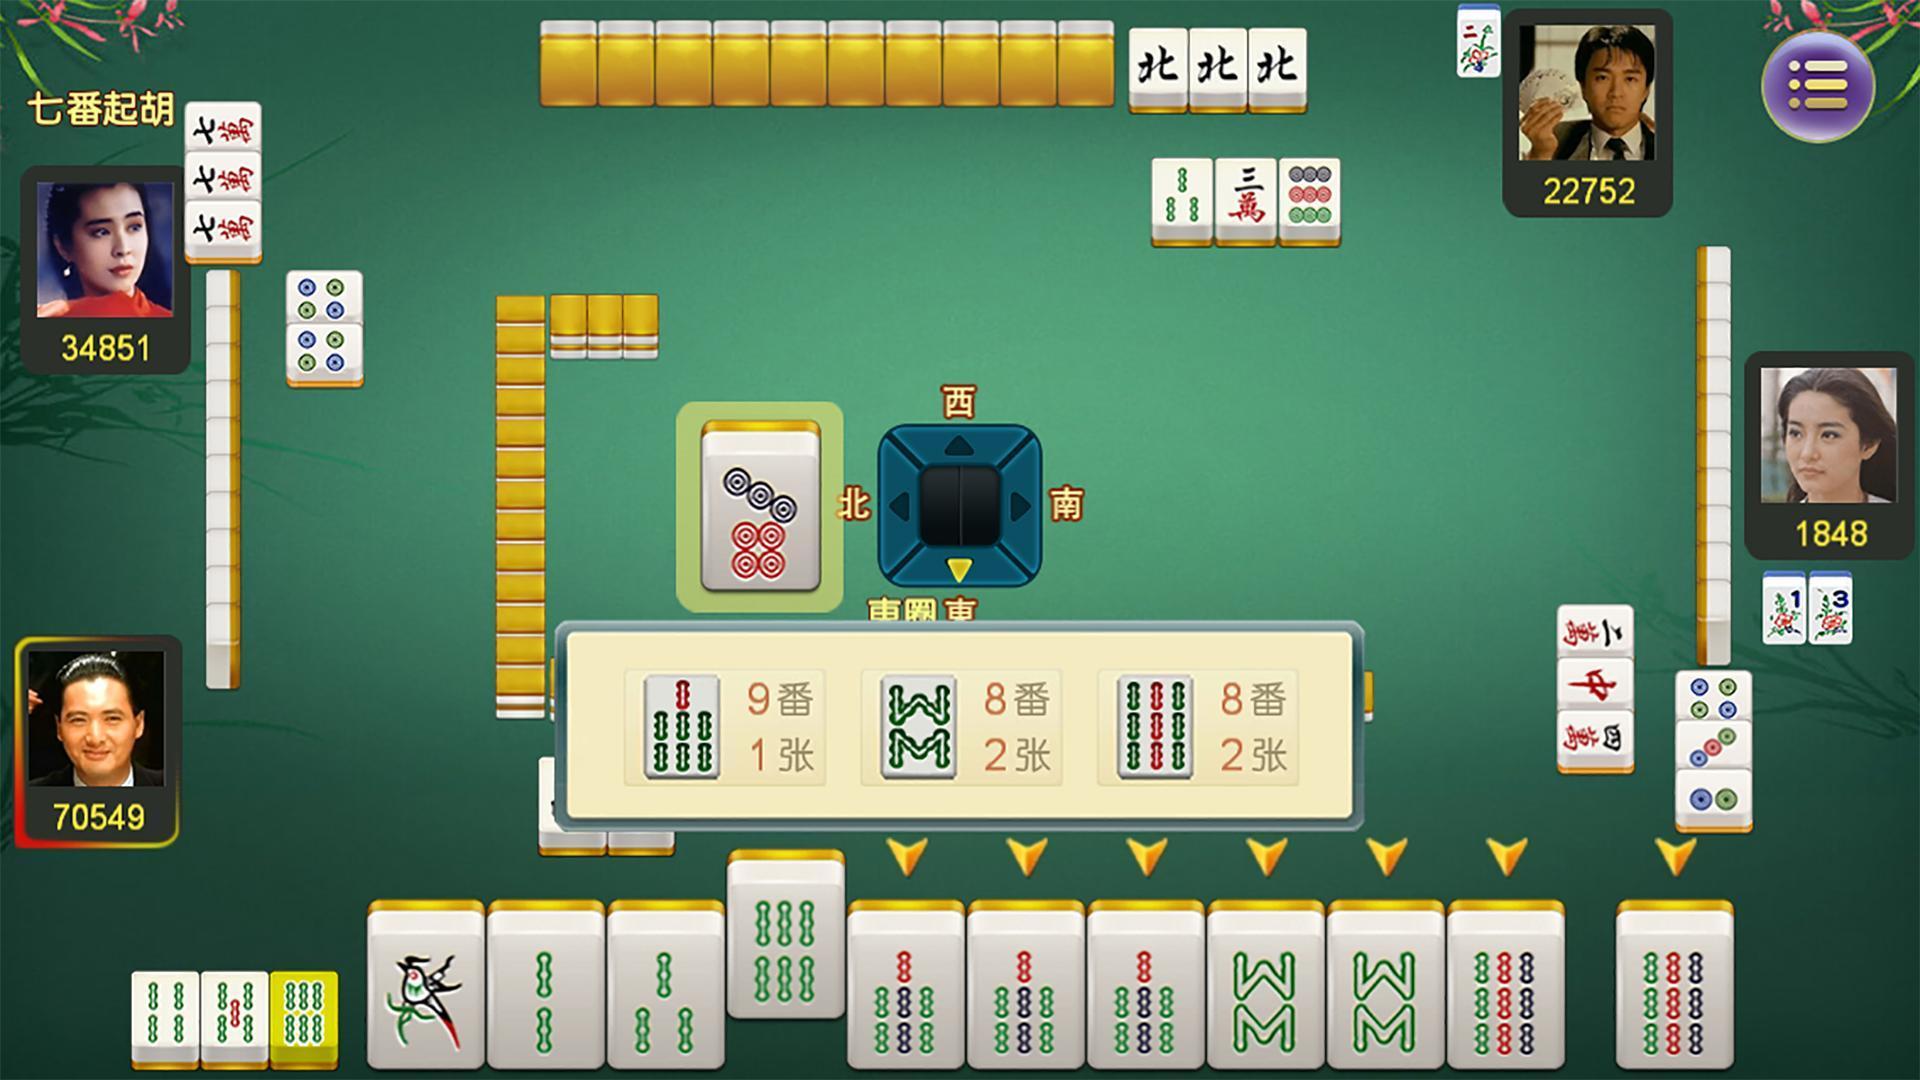 正宗香港麻雀-广东麻将,欢乐斗地主 3.1.8 Screenshot 4